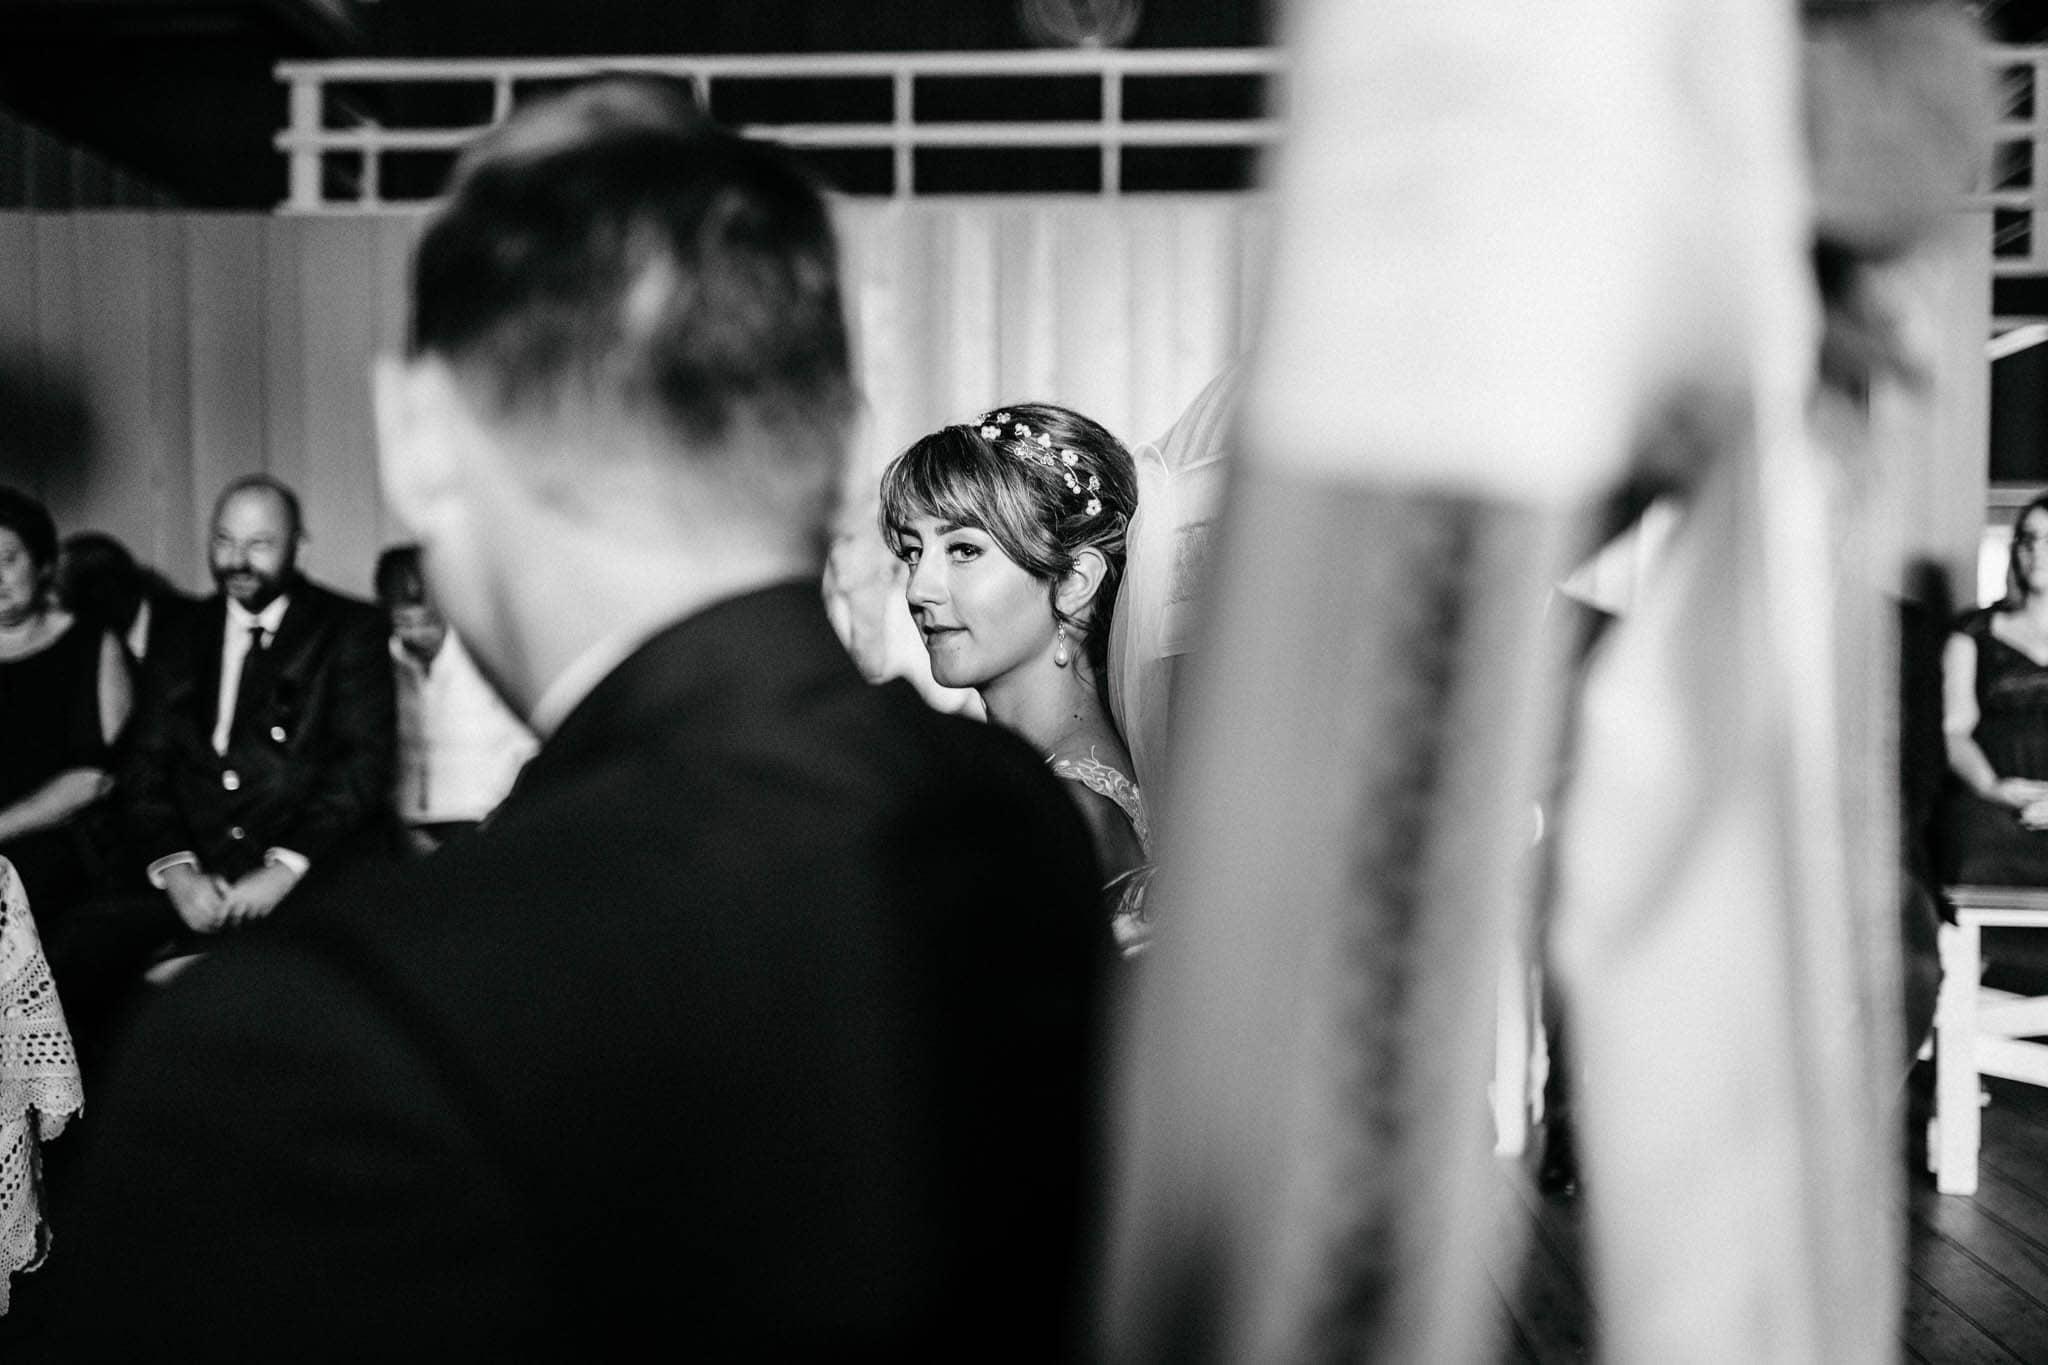 Hochzeitsfieber by Photo-Schomburg, Hoichzeitsfotograf, Hamburg, Wedding, Weddingtime, Hochzeitspaar, Braut, Bräutigam, Hochzeit im Norden,-52